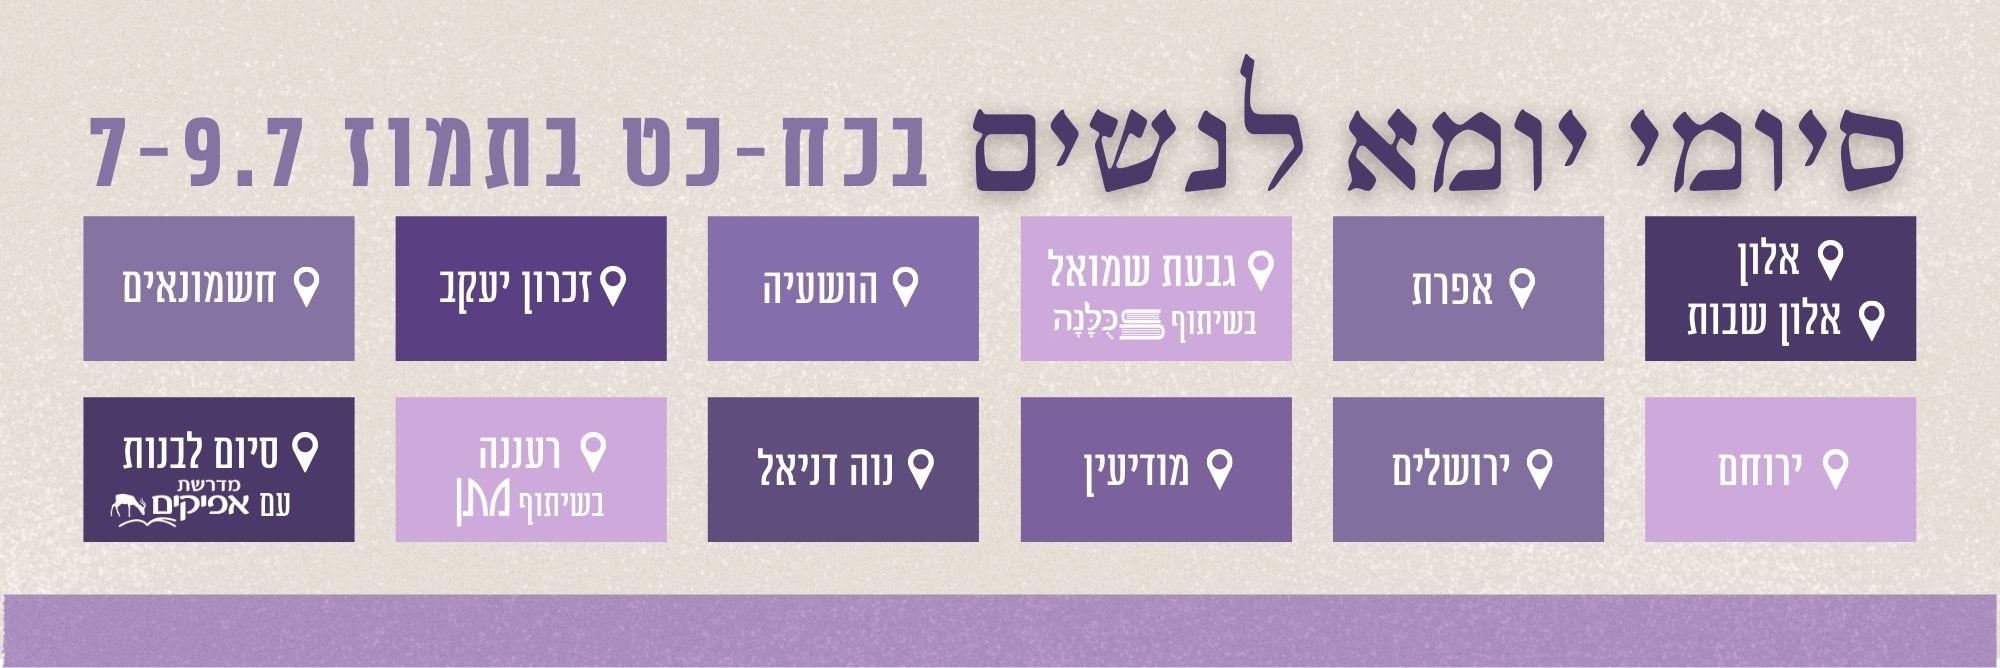 yoma invite banner he reg